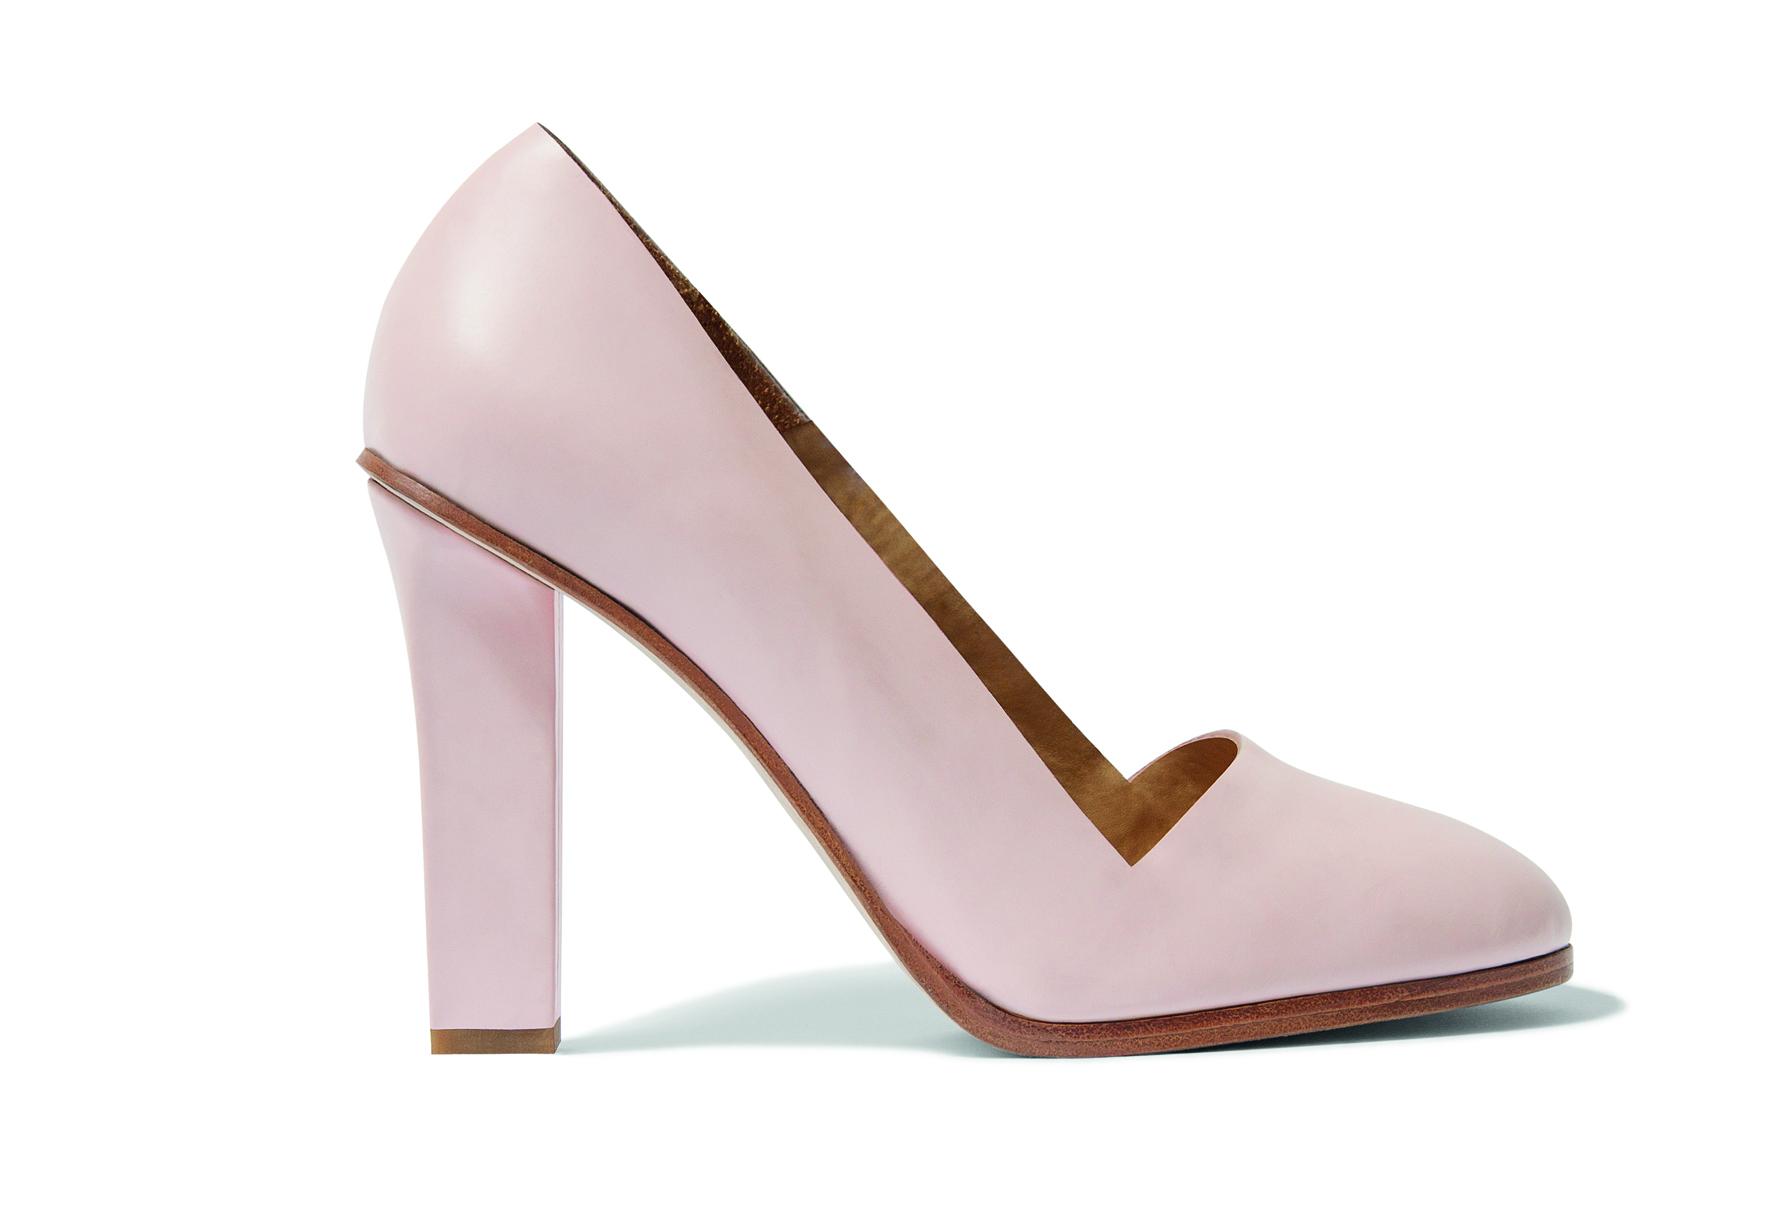 Modny trend: pastelowe buty